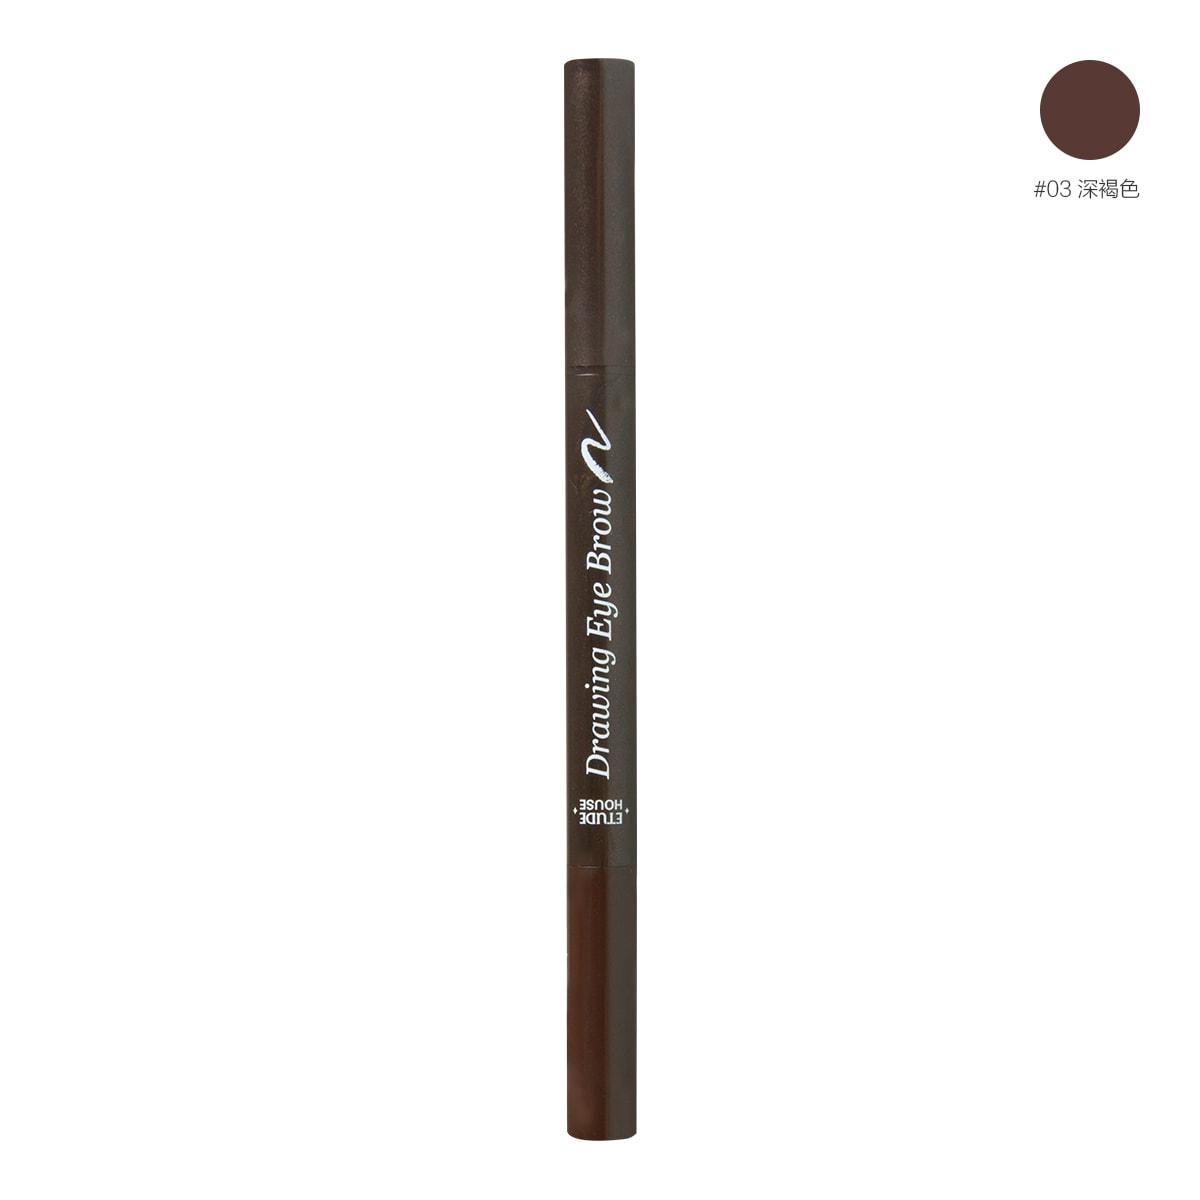 韩国ETUDE HOUSE伊蒂之屋(爱丽小屋) 睛彩自然眉笔 #03 棕褐色 单支入